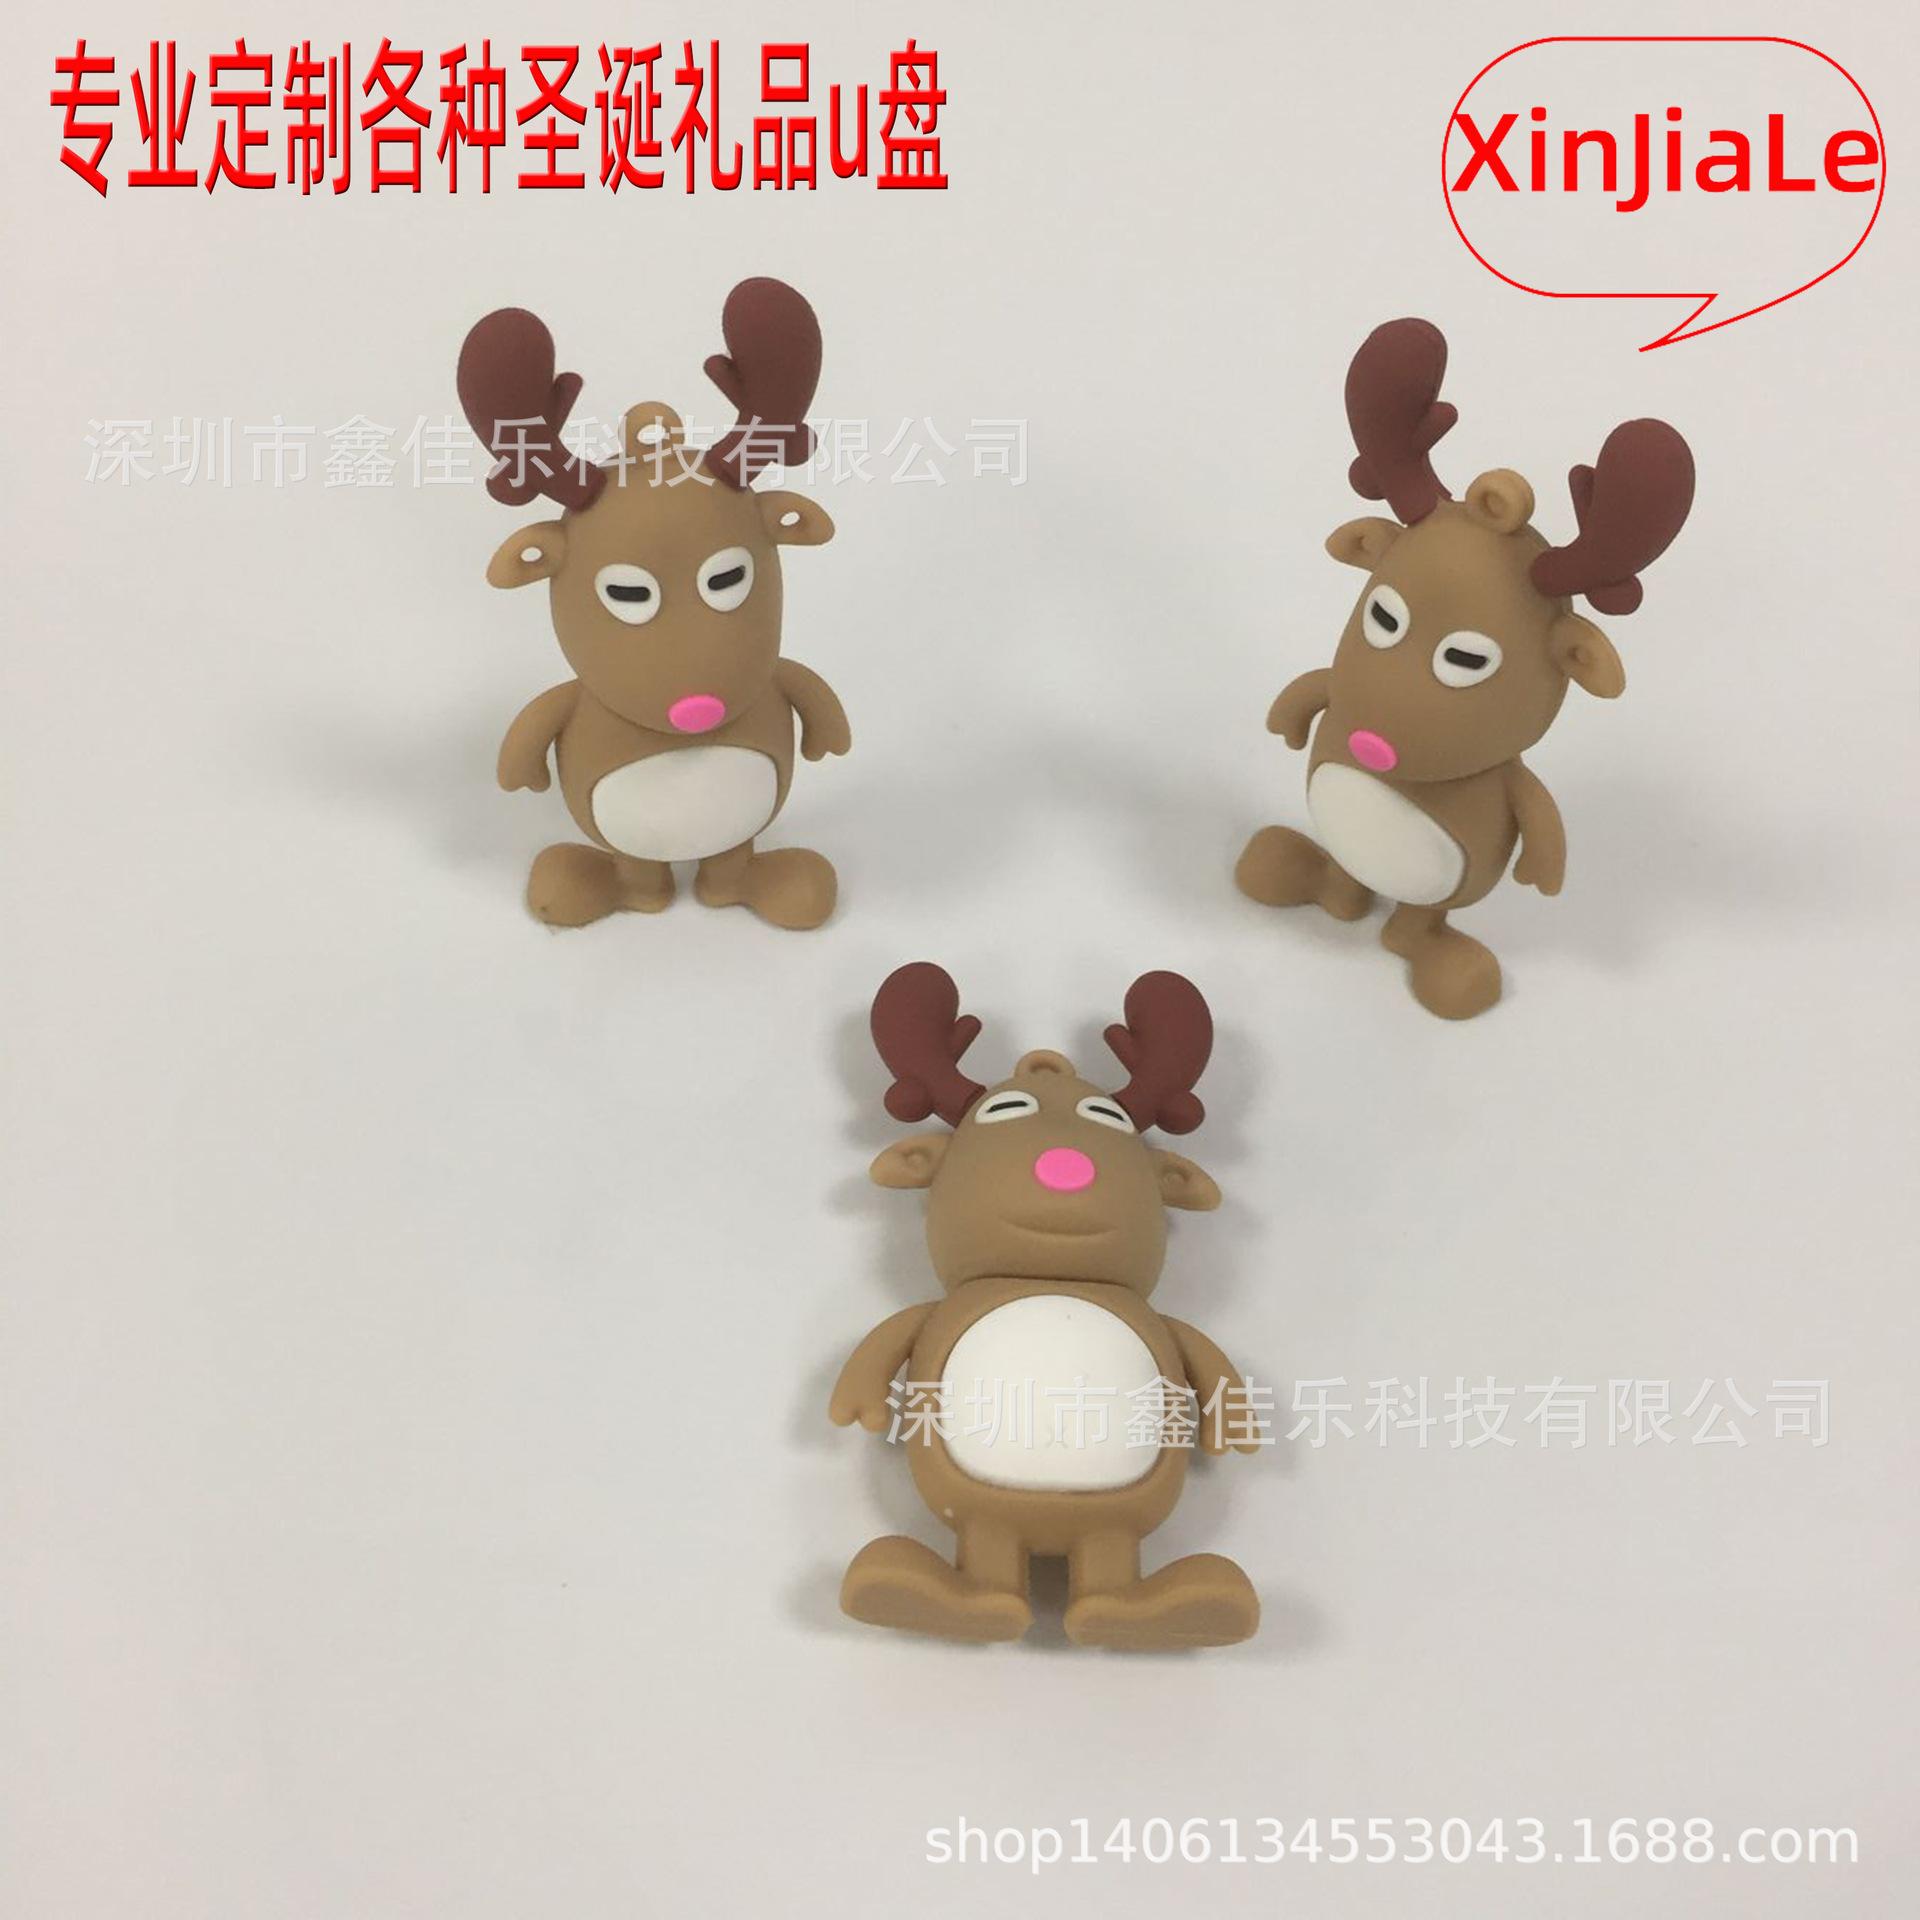 促销圣诞礼品u盘 小鹿礼品u盘 定制软胶礼品u盘 新款圣诞礼品USB